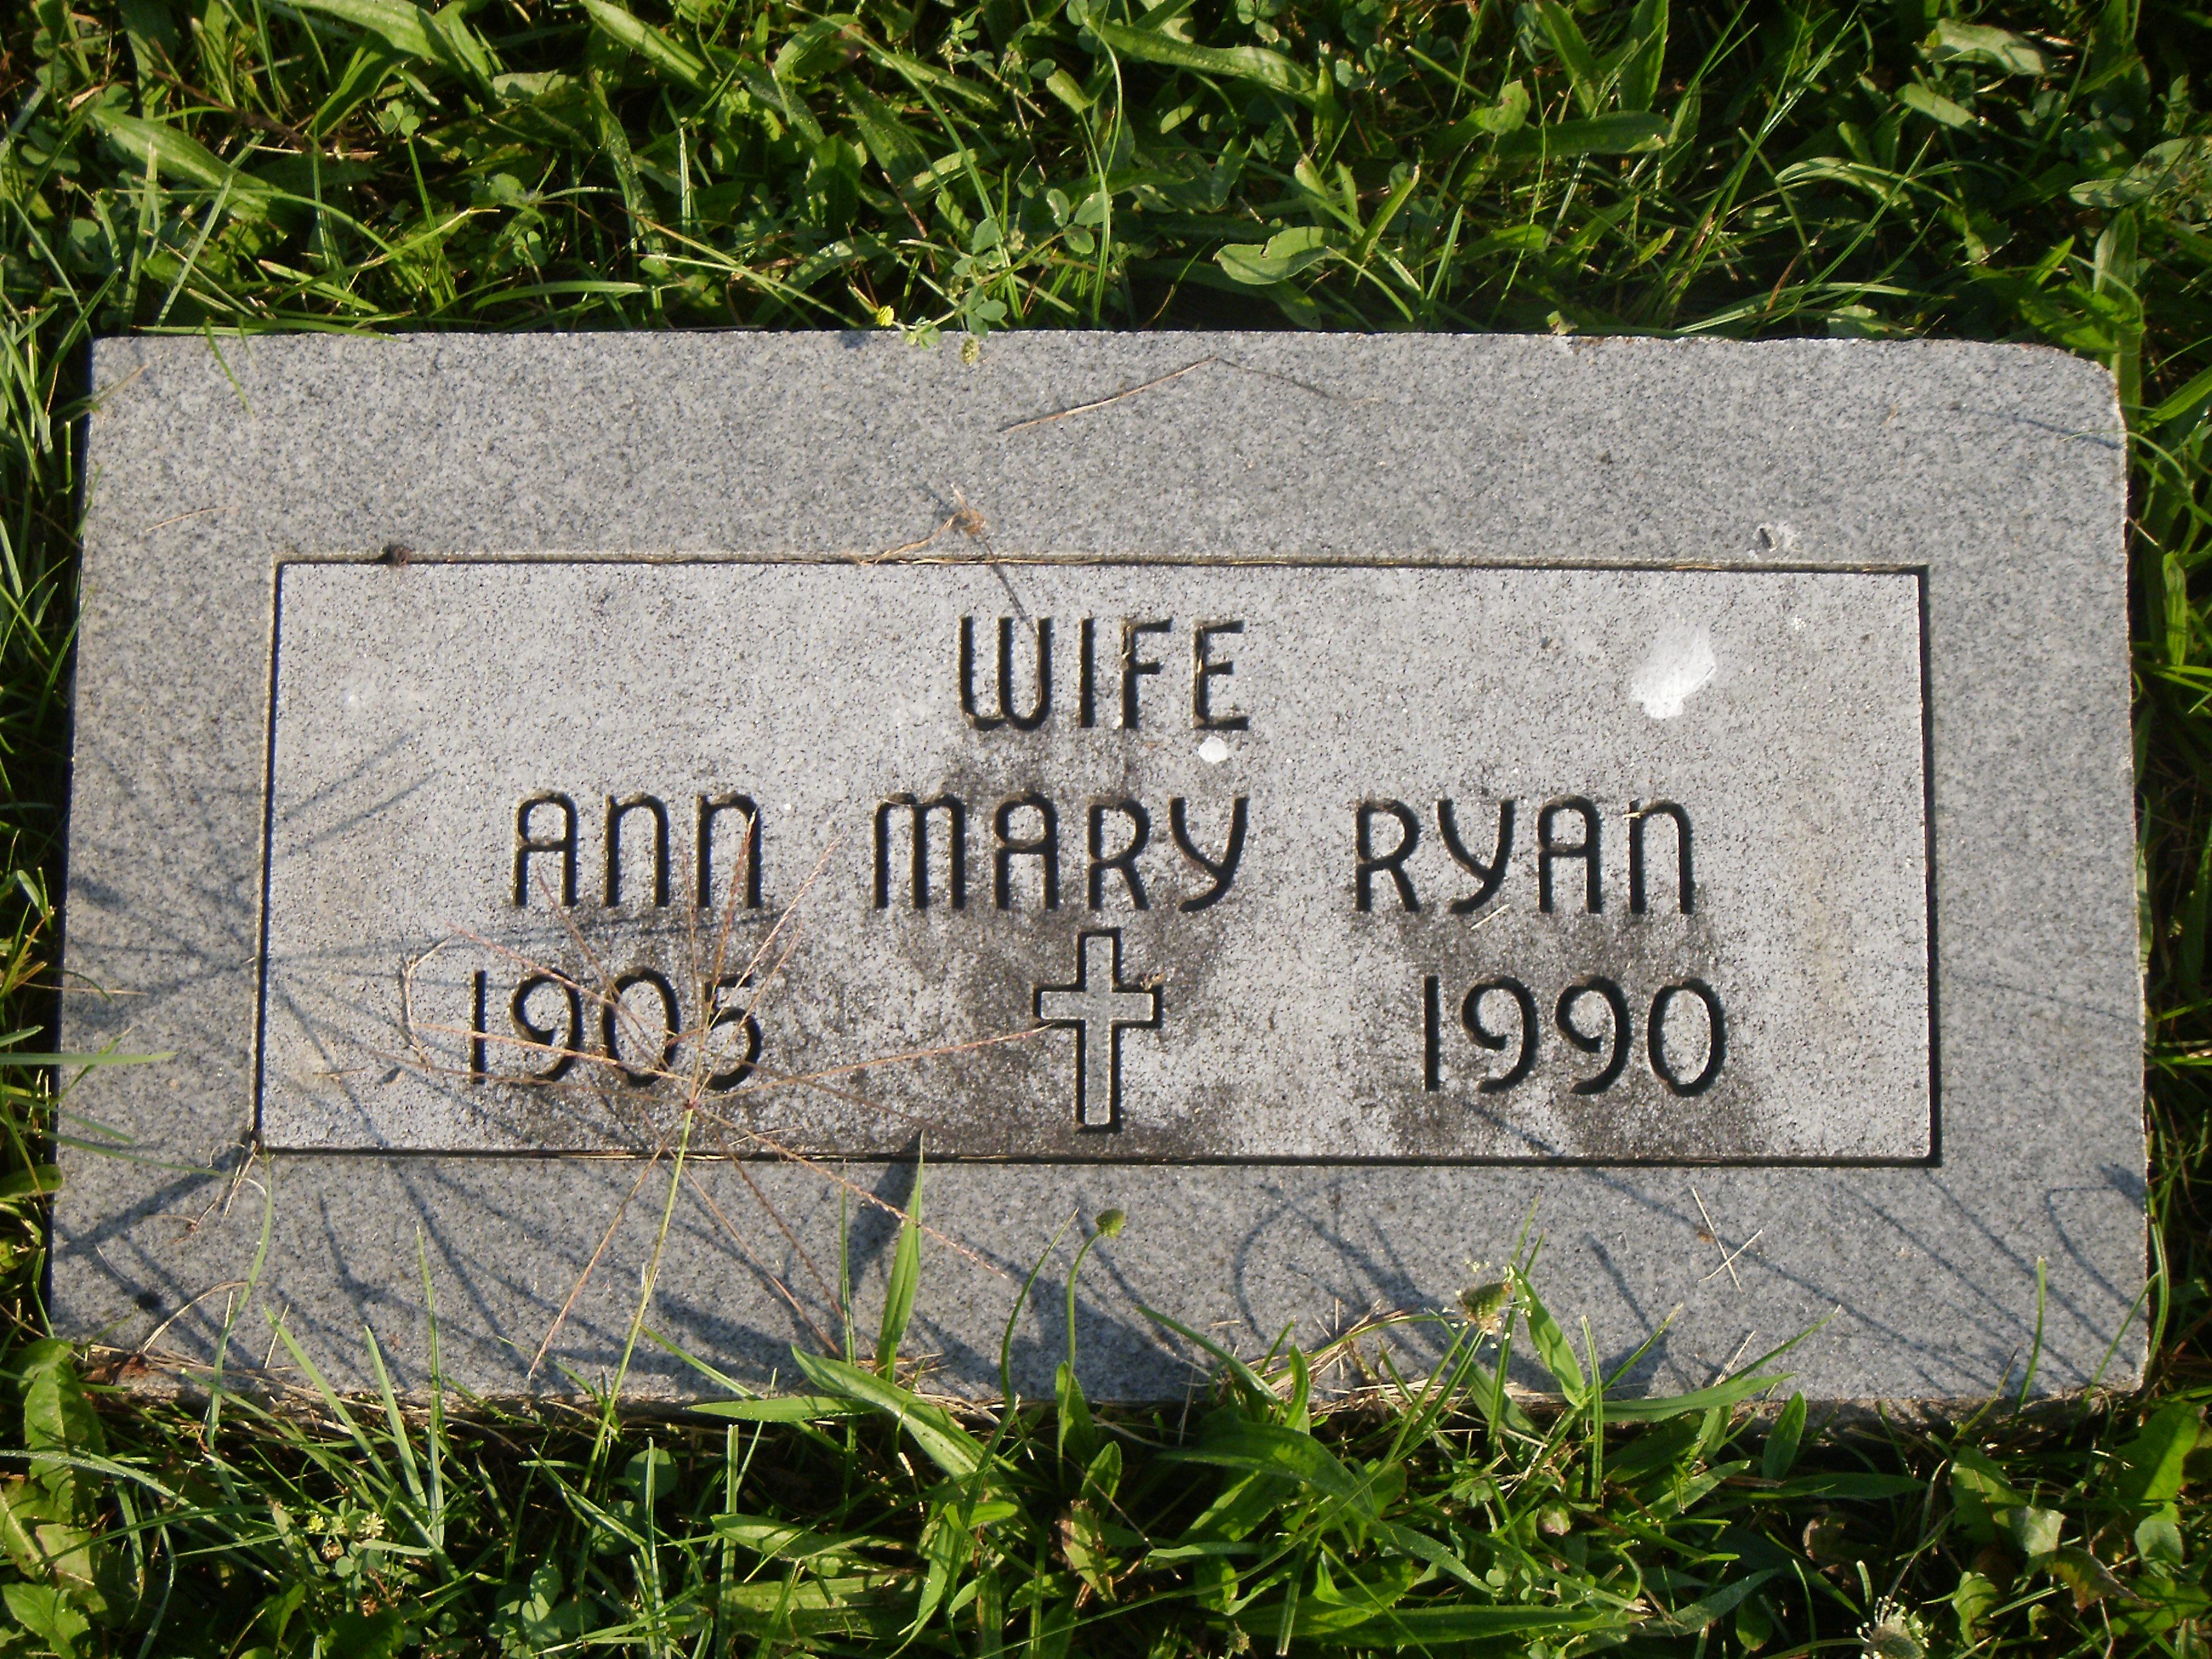 Ann Mary Ryan